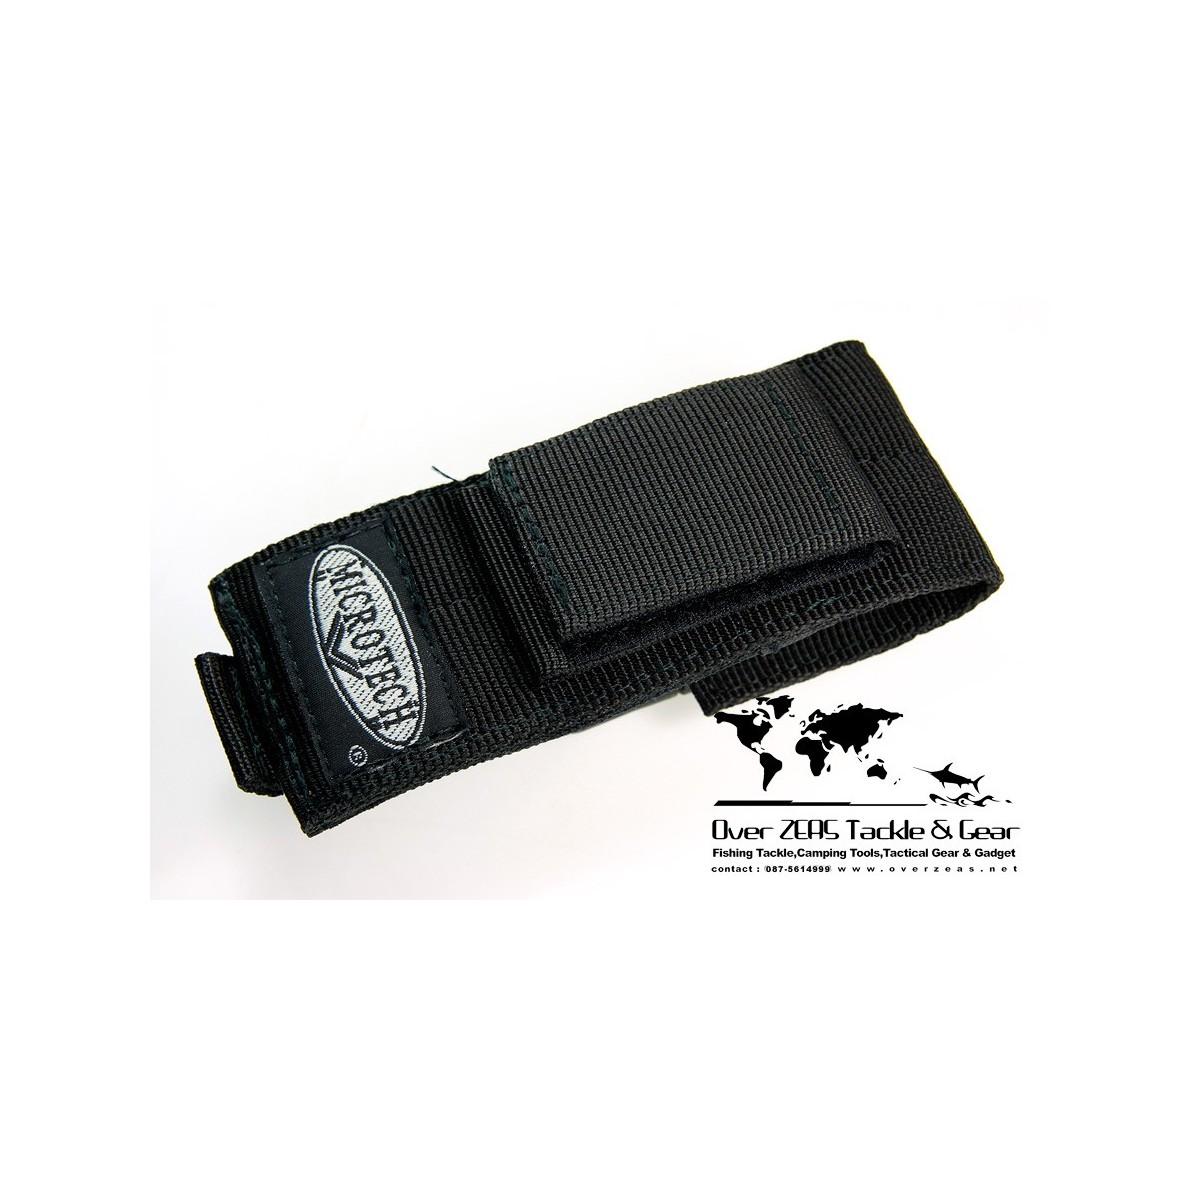 มีดออโต้ Microtech Green UTX-85 D/A OTF Automatic Knife (Black PLN) 125-1GR Limited